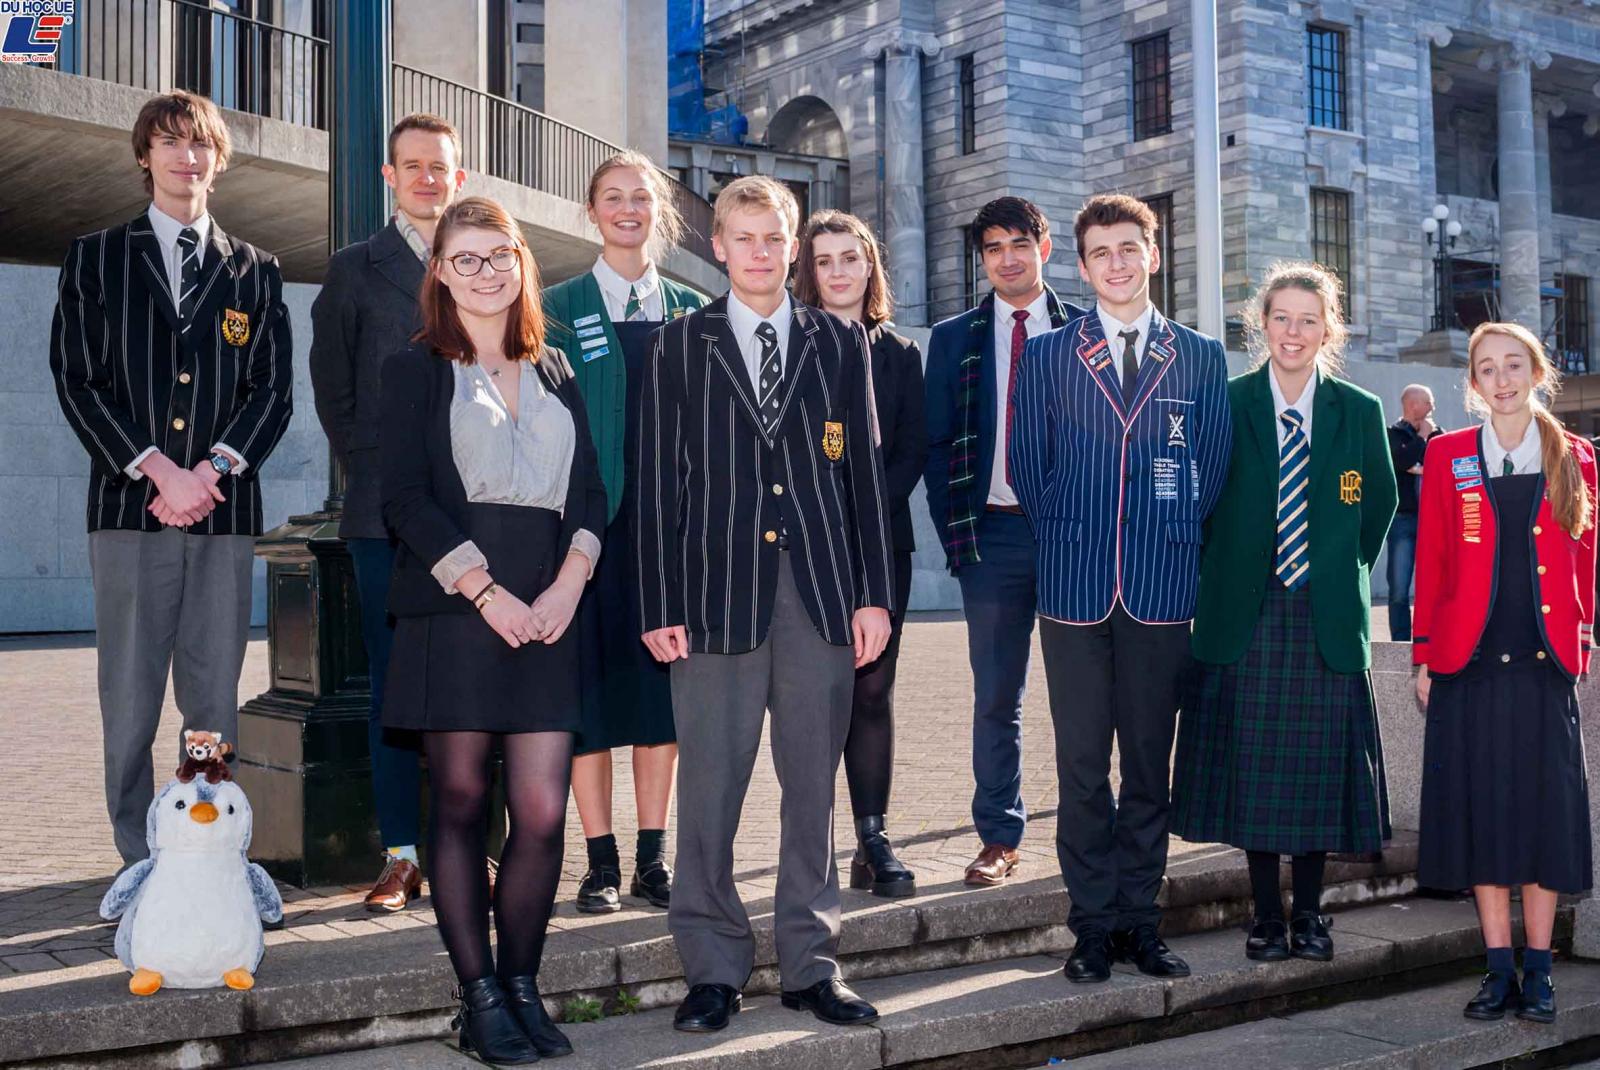 Học bổng hấp dẫn của chính phủ New Zealand dành cho chương trình trung học phổ thông vào trường Christ's College 3